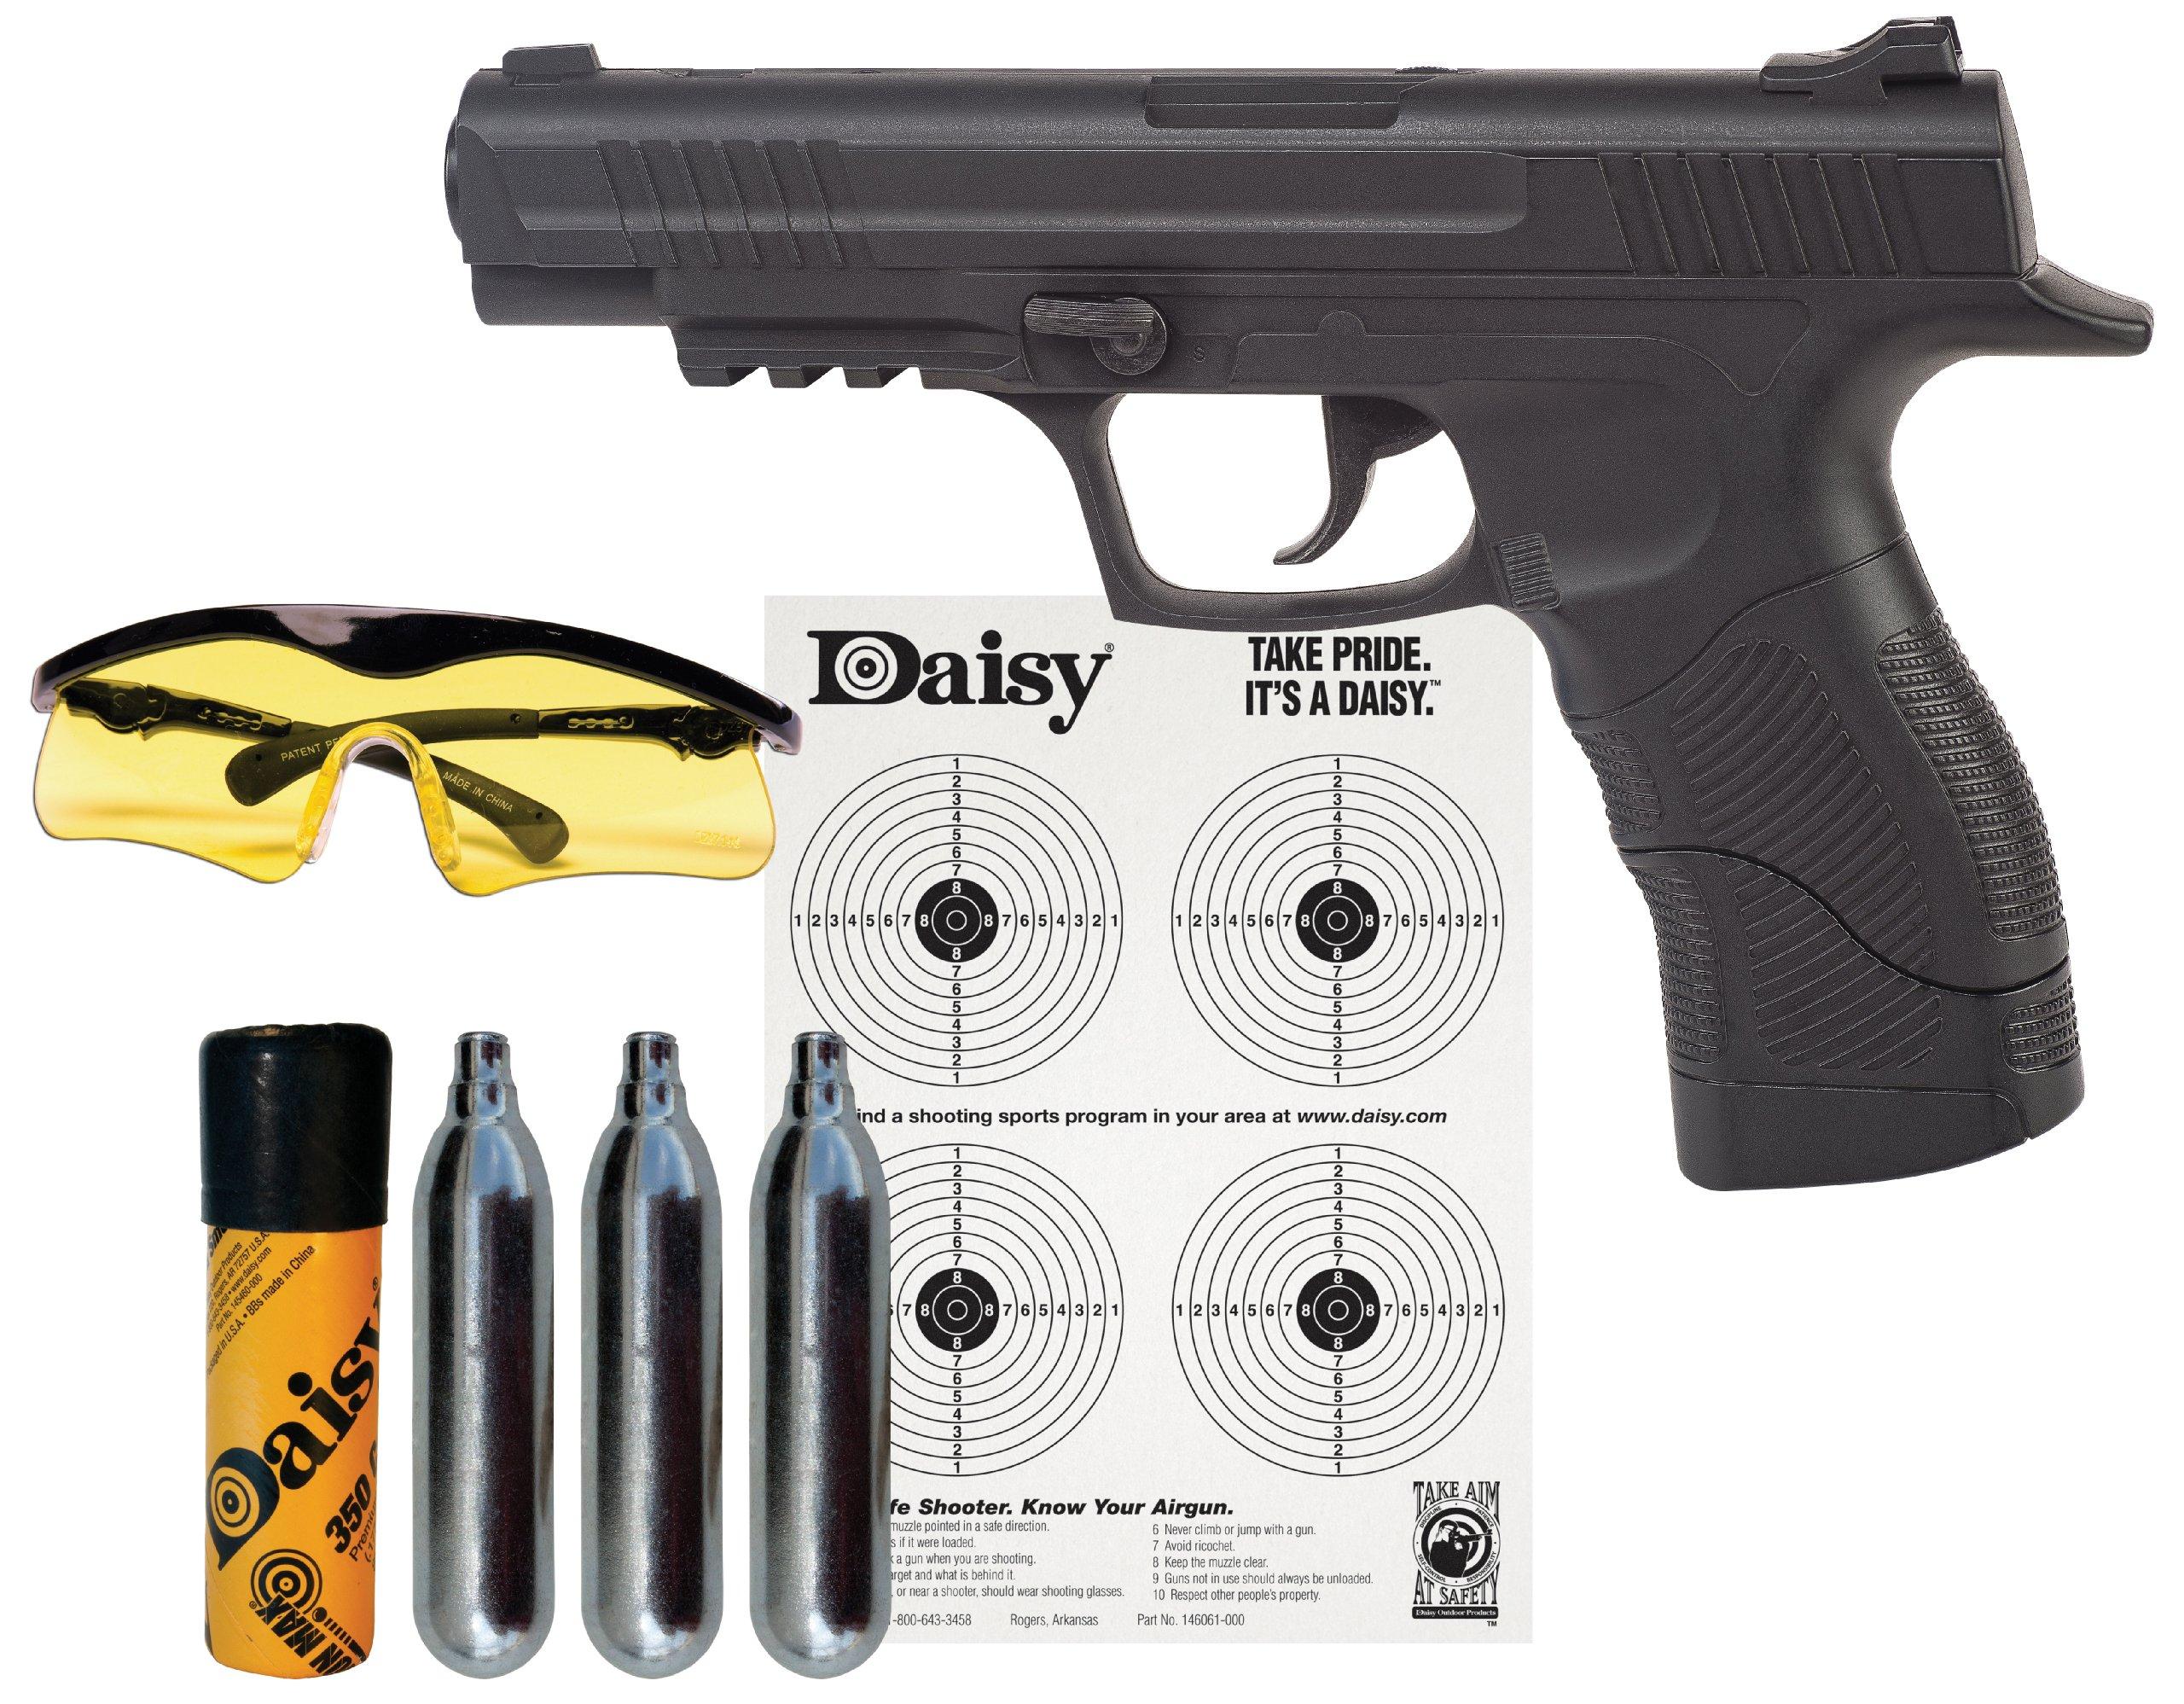 Daisy 985415-242 Hunting Air Pistol